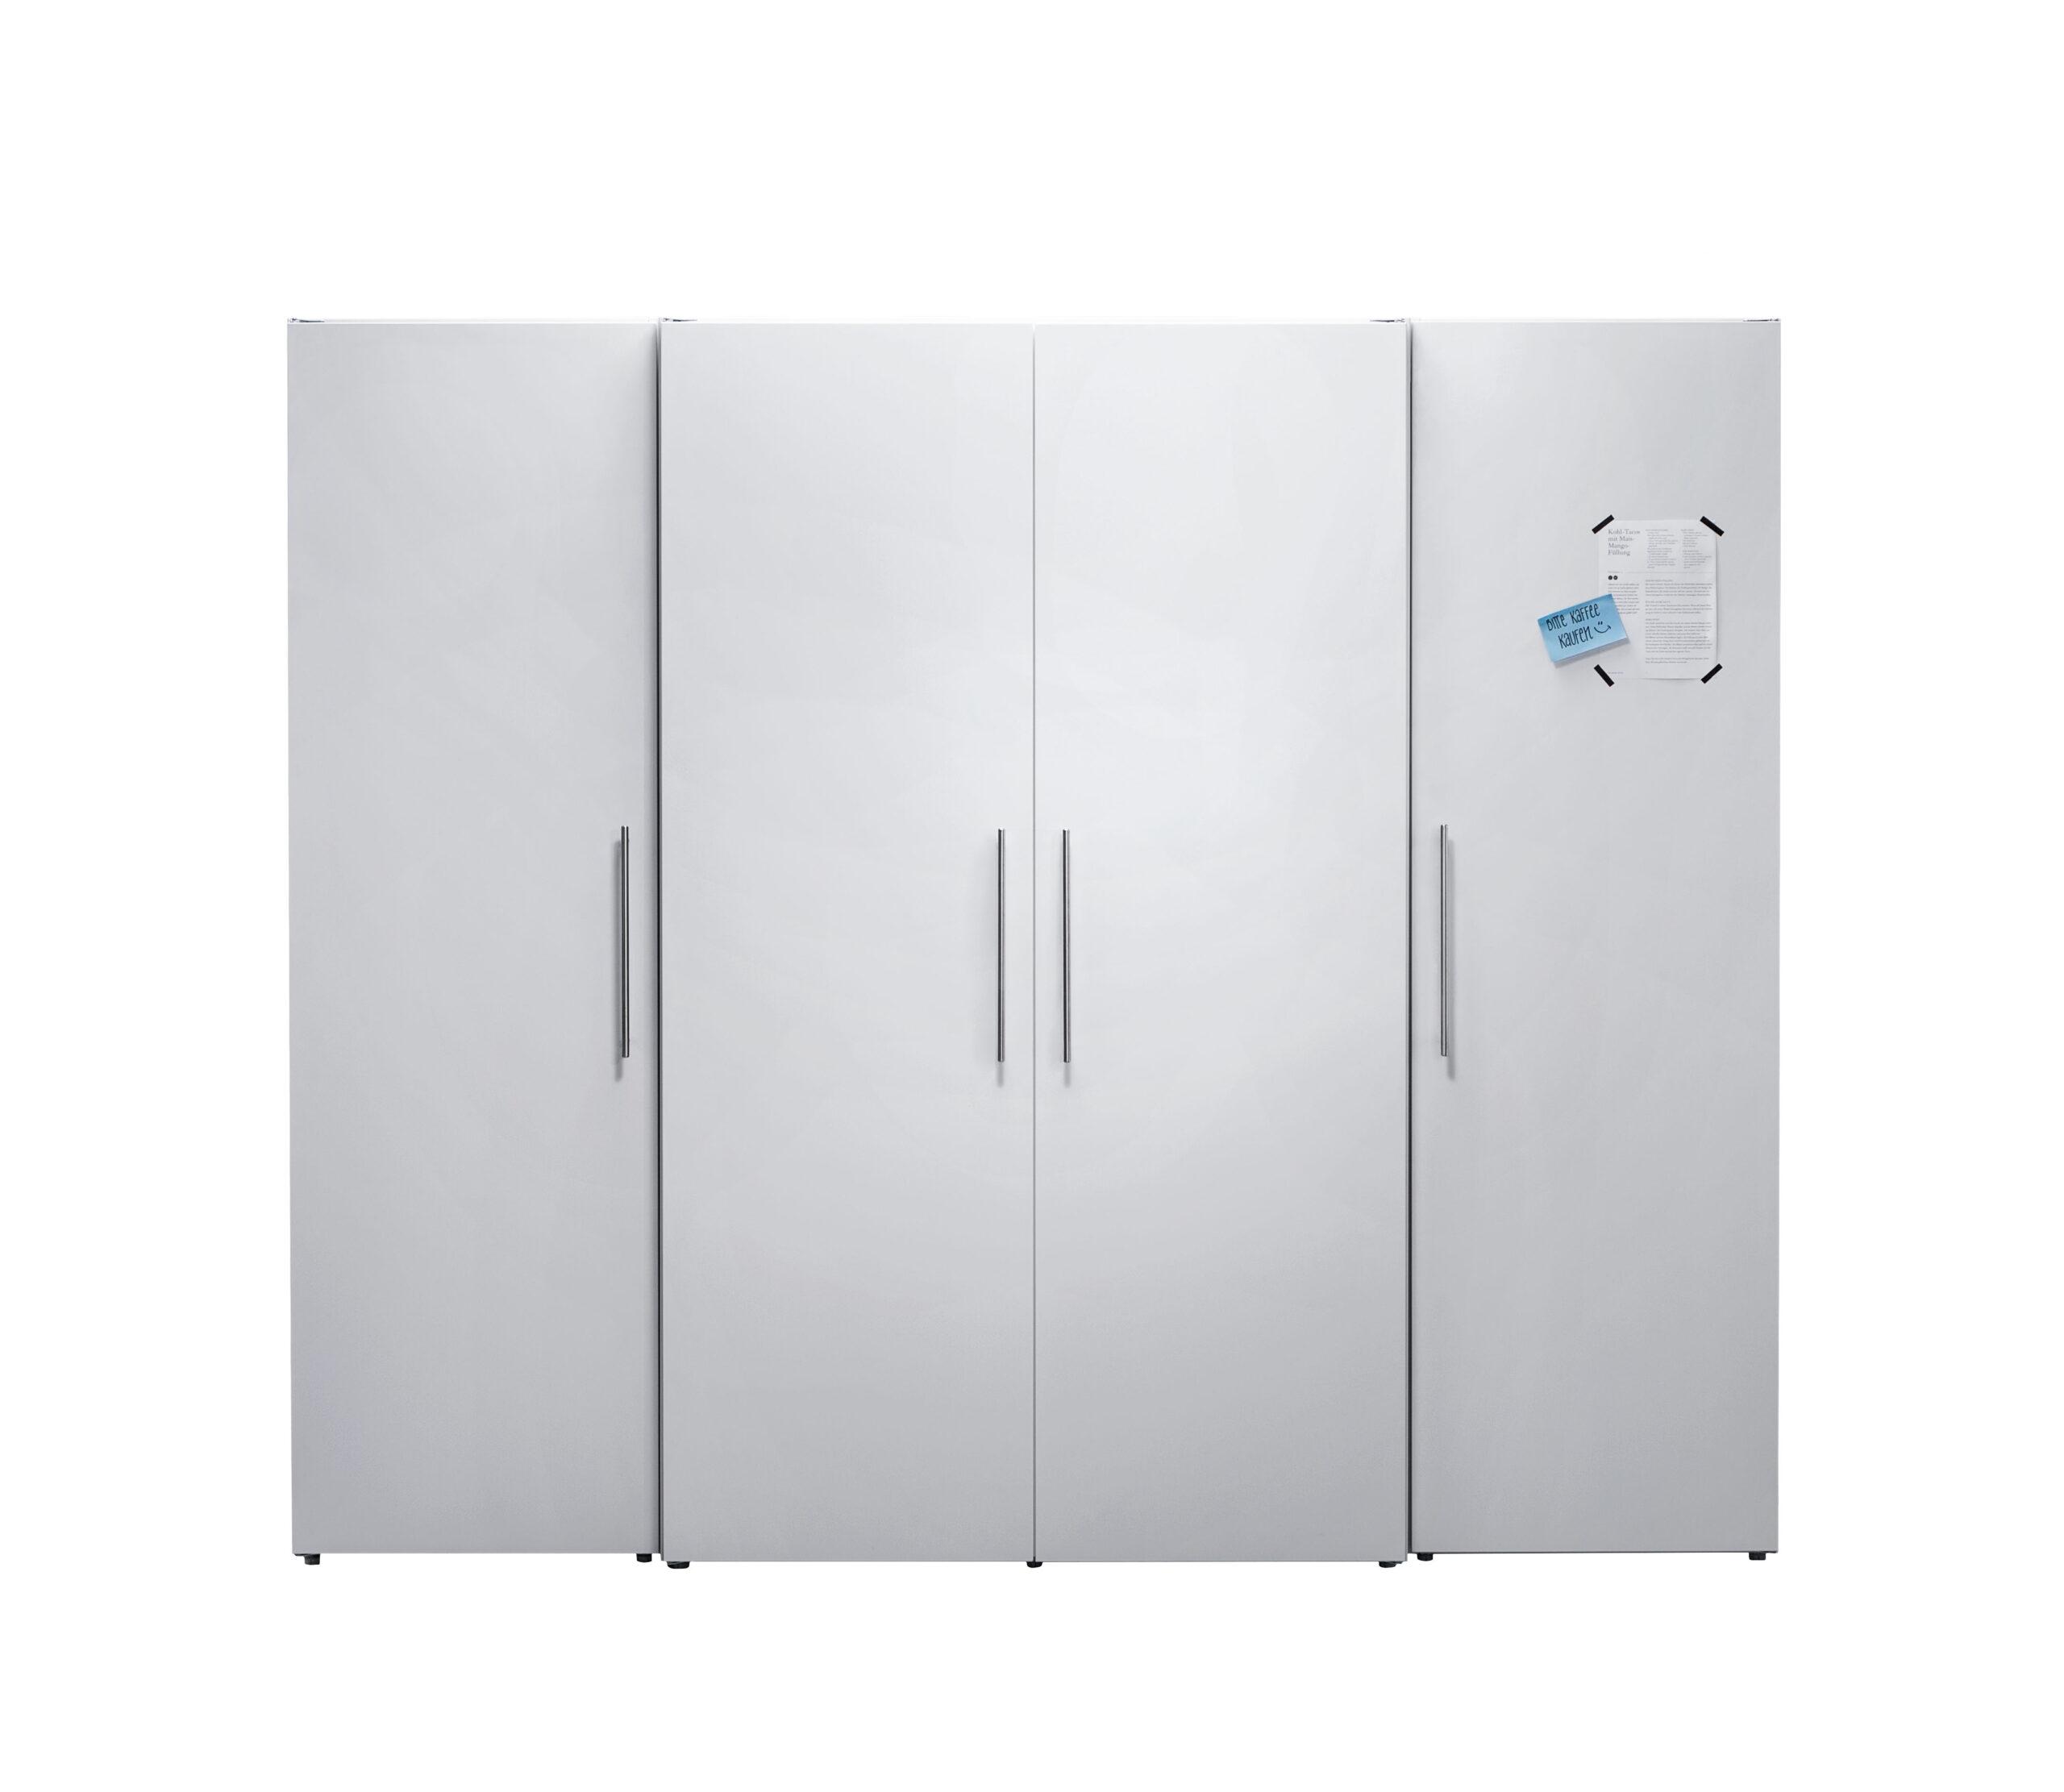 Full Size of Neuheit 2017 Schrankkche Aus Metall Limatec Agch Modulküche Ikea Küche Kosten Miniküche Betten Bei 160x200 Sofa Mit Schlaffunktion Kaufen Wohnzimmer Schrankküchen Ikea